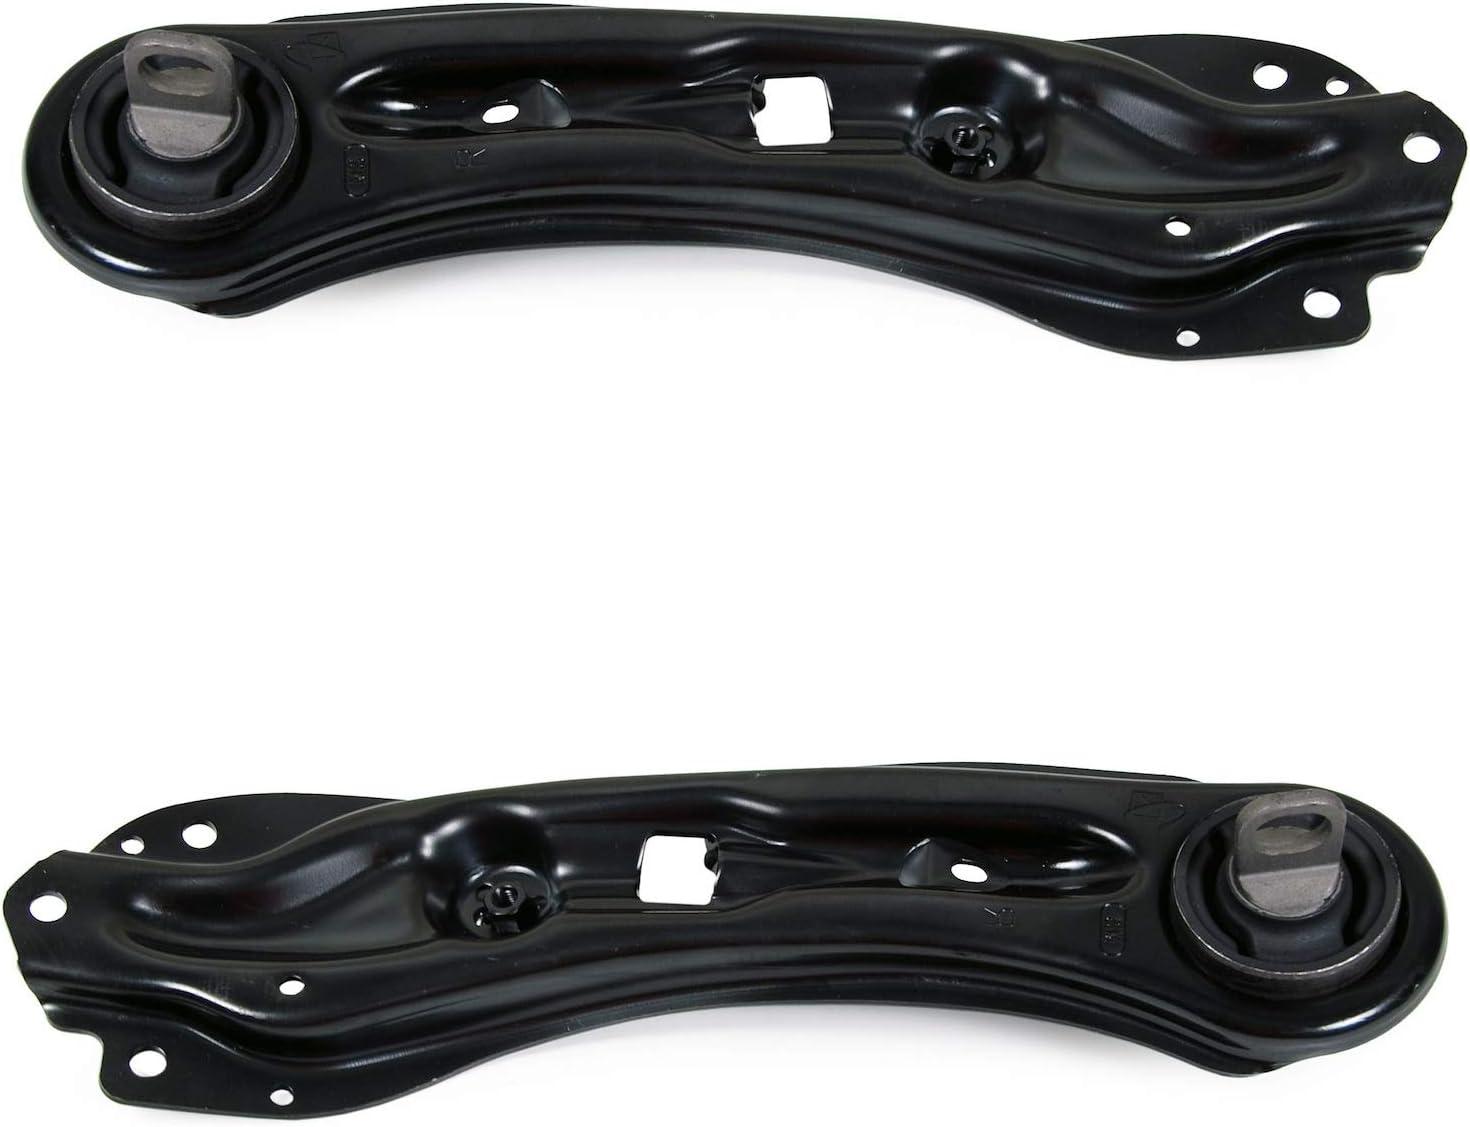 Pair Set Of 2 Rear Suspension Trailing Arms Mevotech For Avenger Journey Sebring